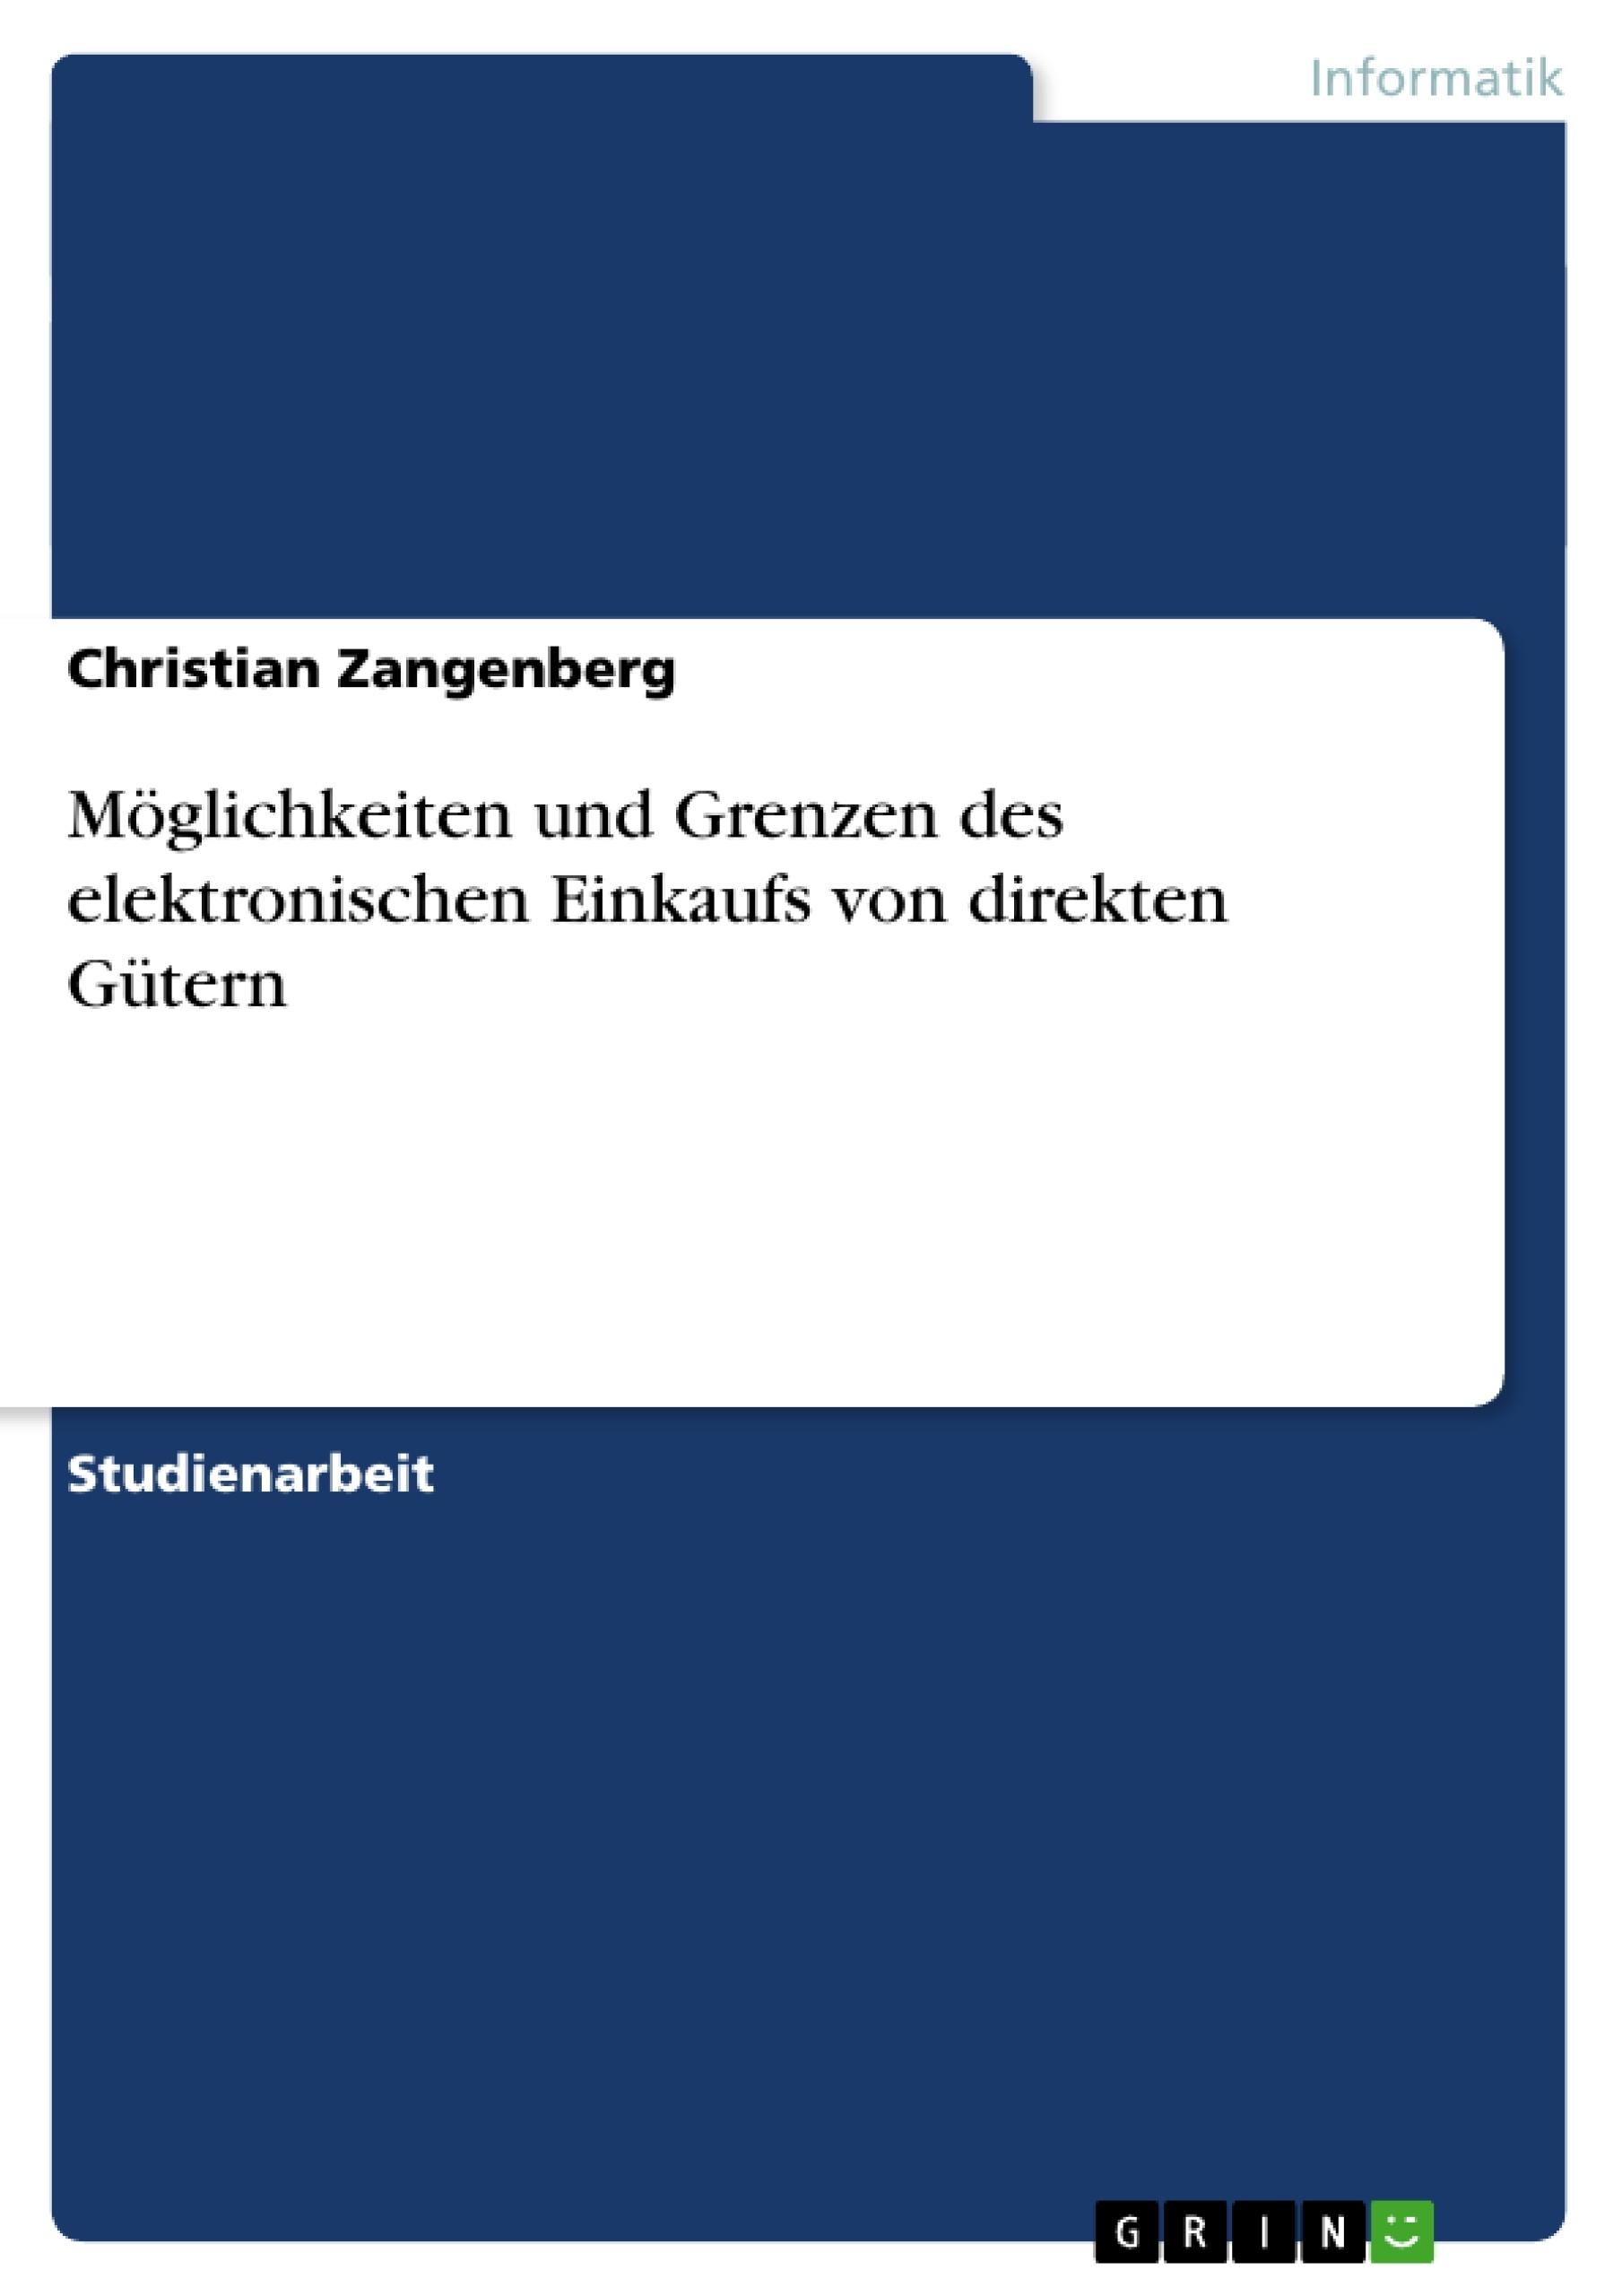 Titel: Möglichkeiten und Grenzen des elektronischen Einkaufs von direkten Gütern